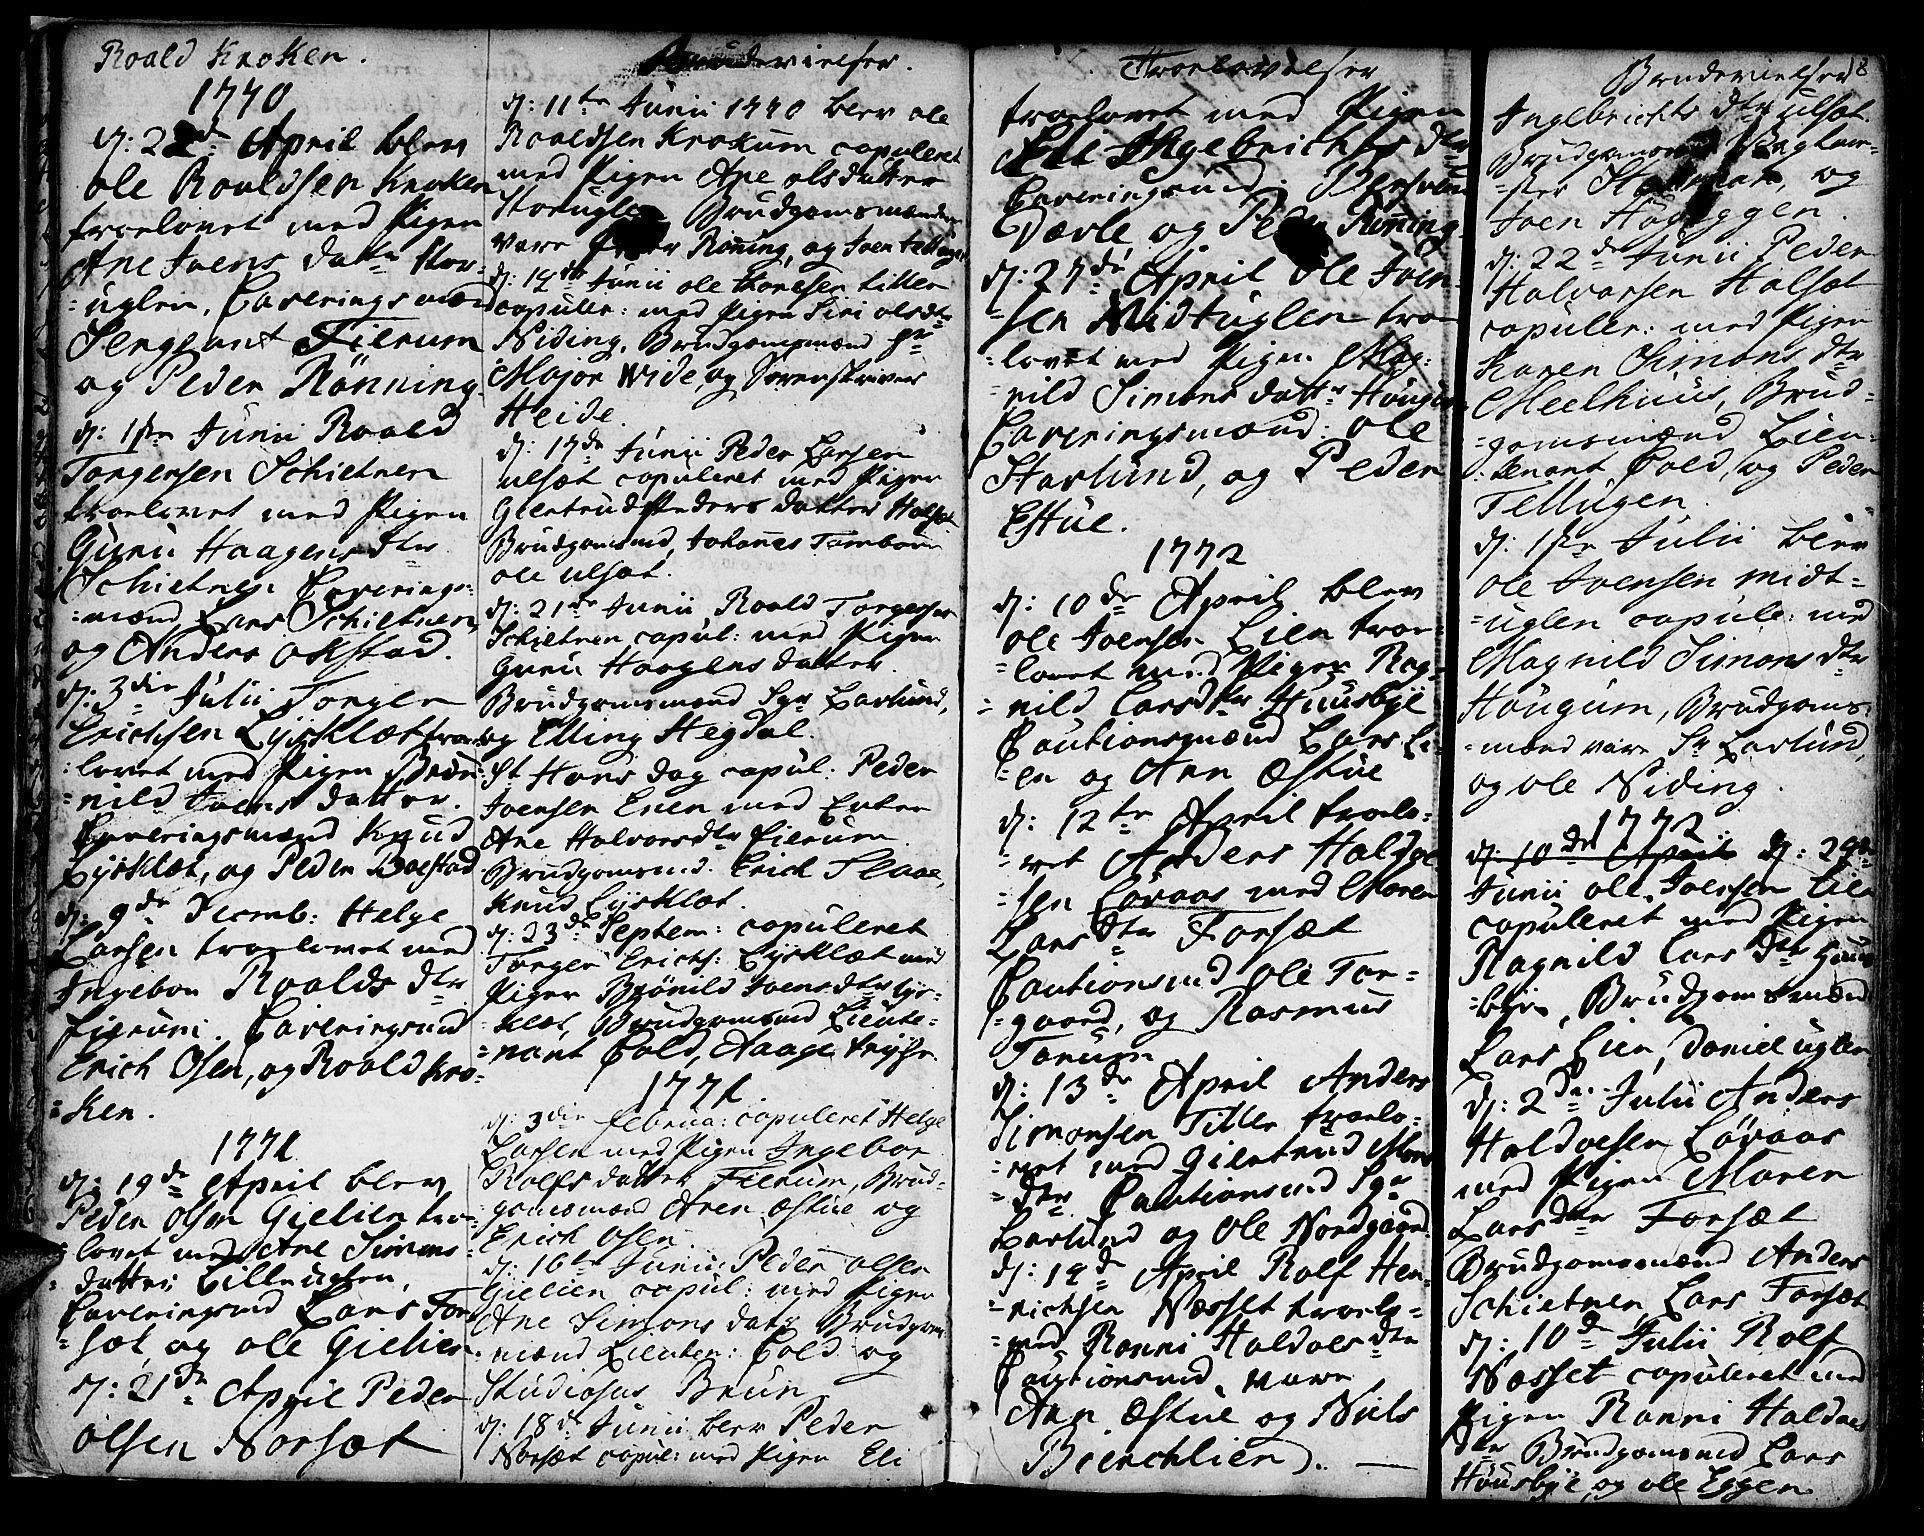 SAT, Ministerialprotokoller, klokkerbøker og fødselsregistre - Sør-Trøndelag, 618/L0437: Ministerialbok nr. 618A02, 1749-1782, s. 18